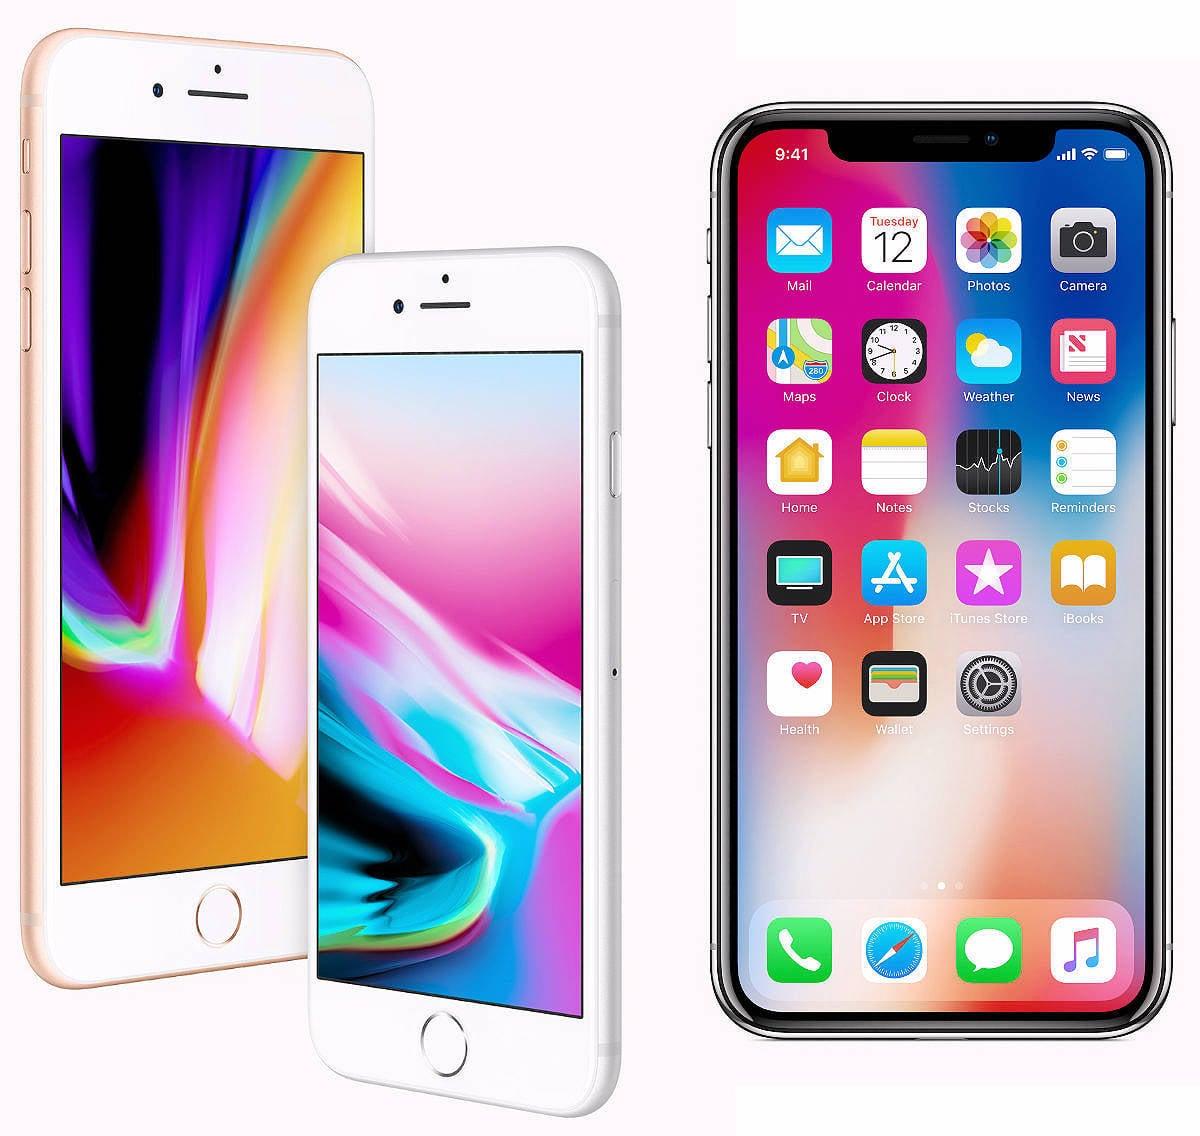 IPhone8 iPhoneX benchmark 03